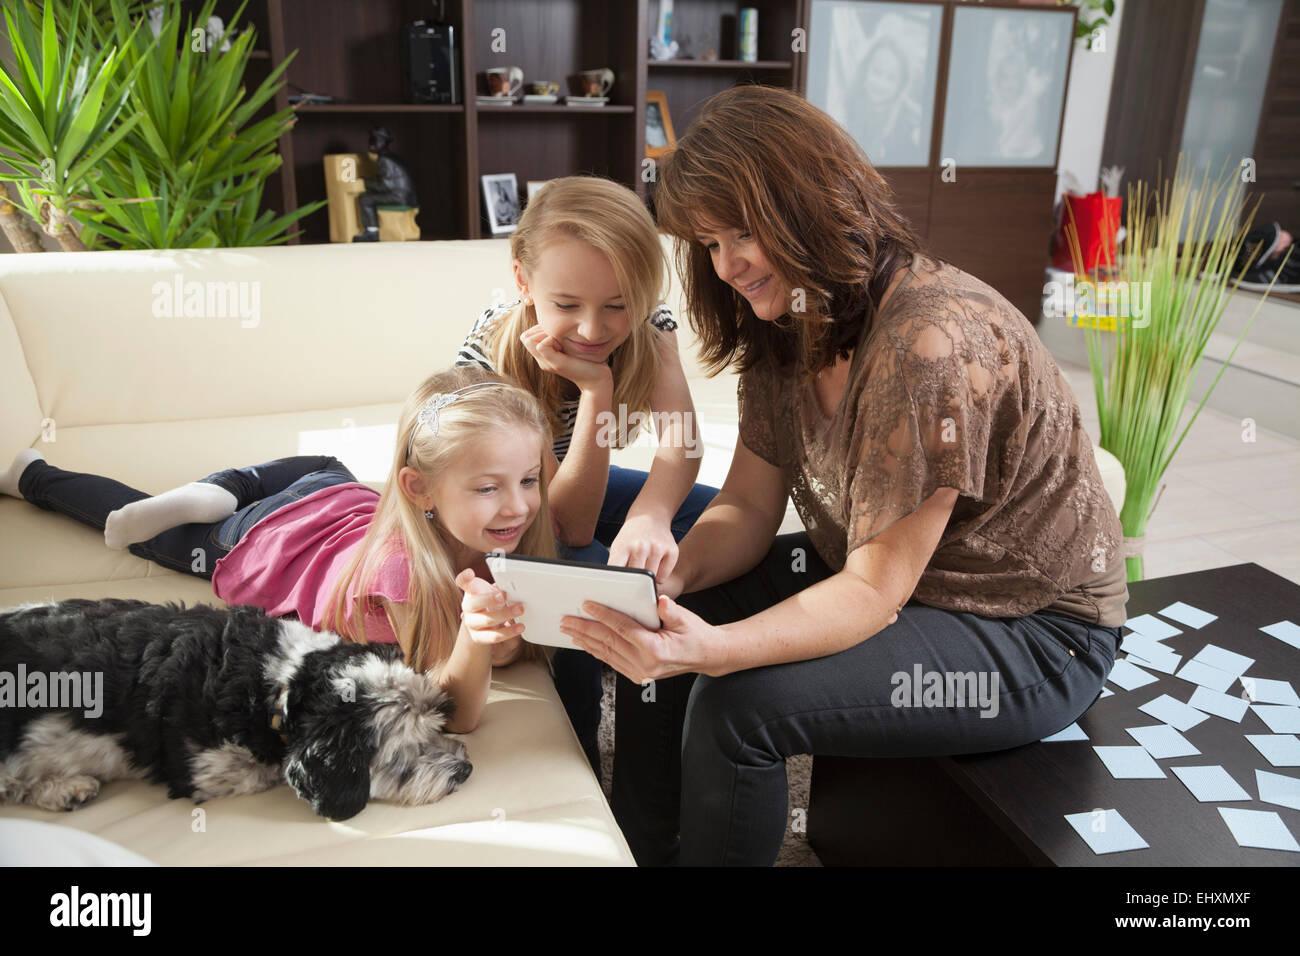 La mujer con sus dos hijas jugar en una tableta digital en un salón, Baviera, Alemania Imagen De Stock